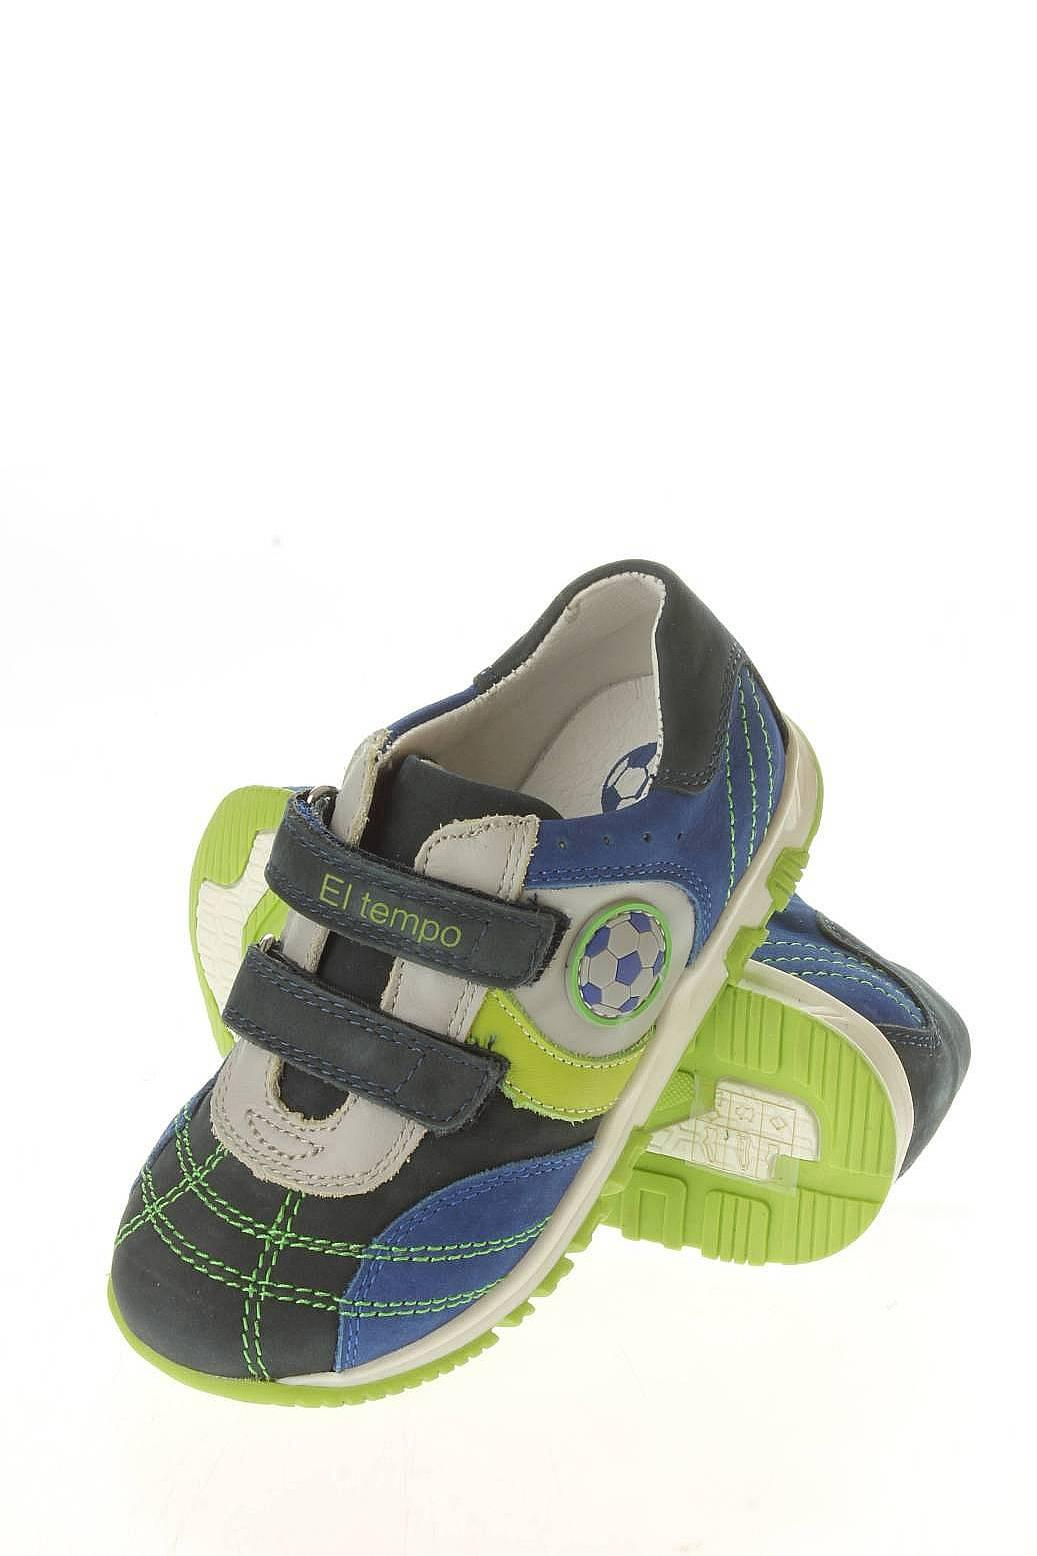 Naturino детская обувь купить в интернет